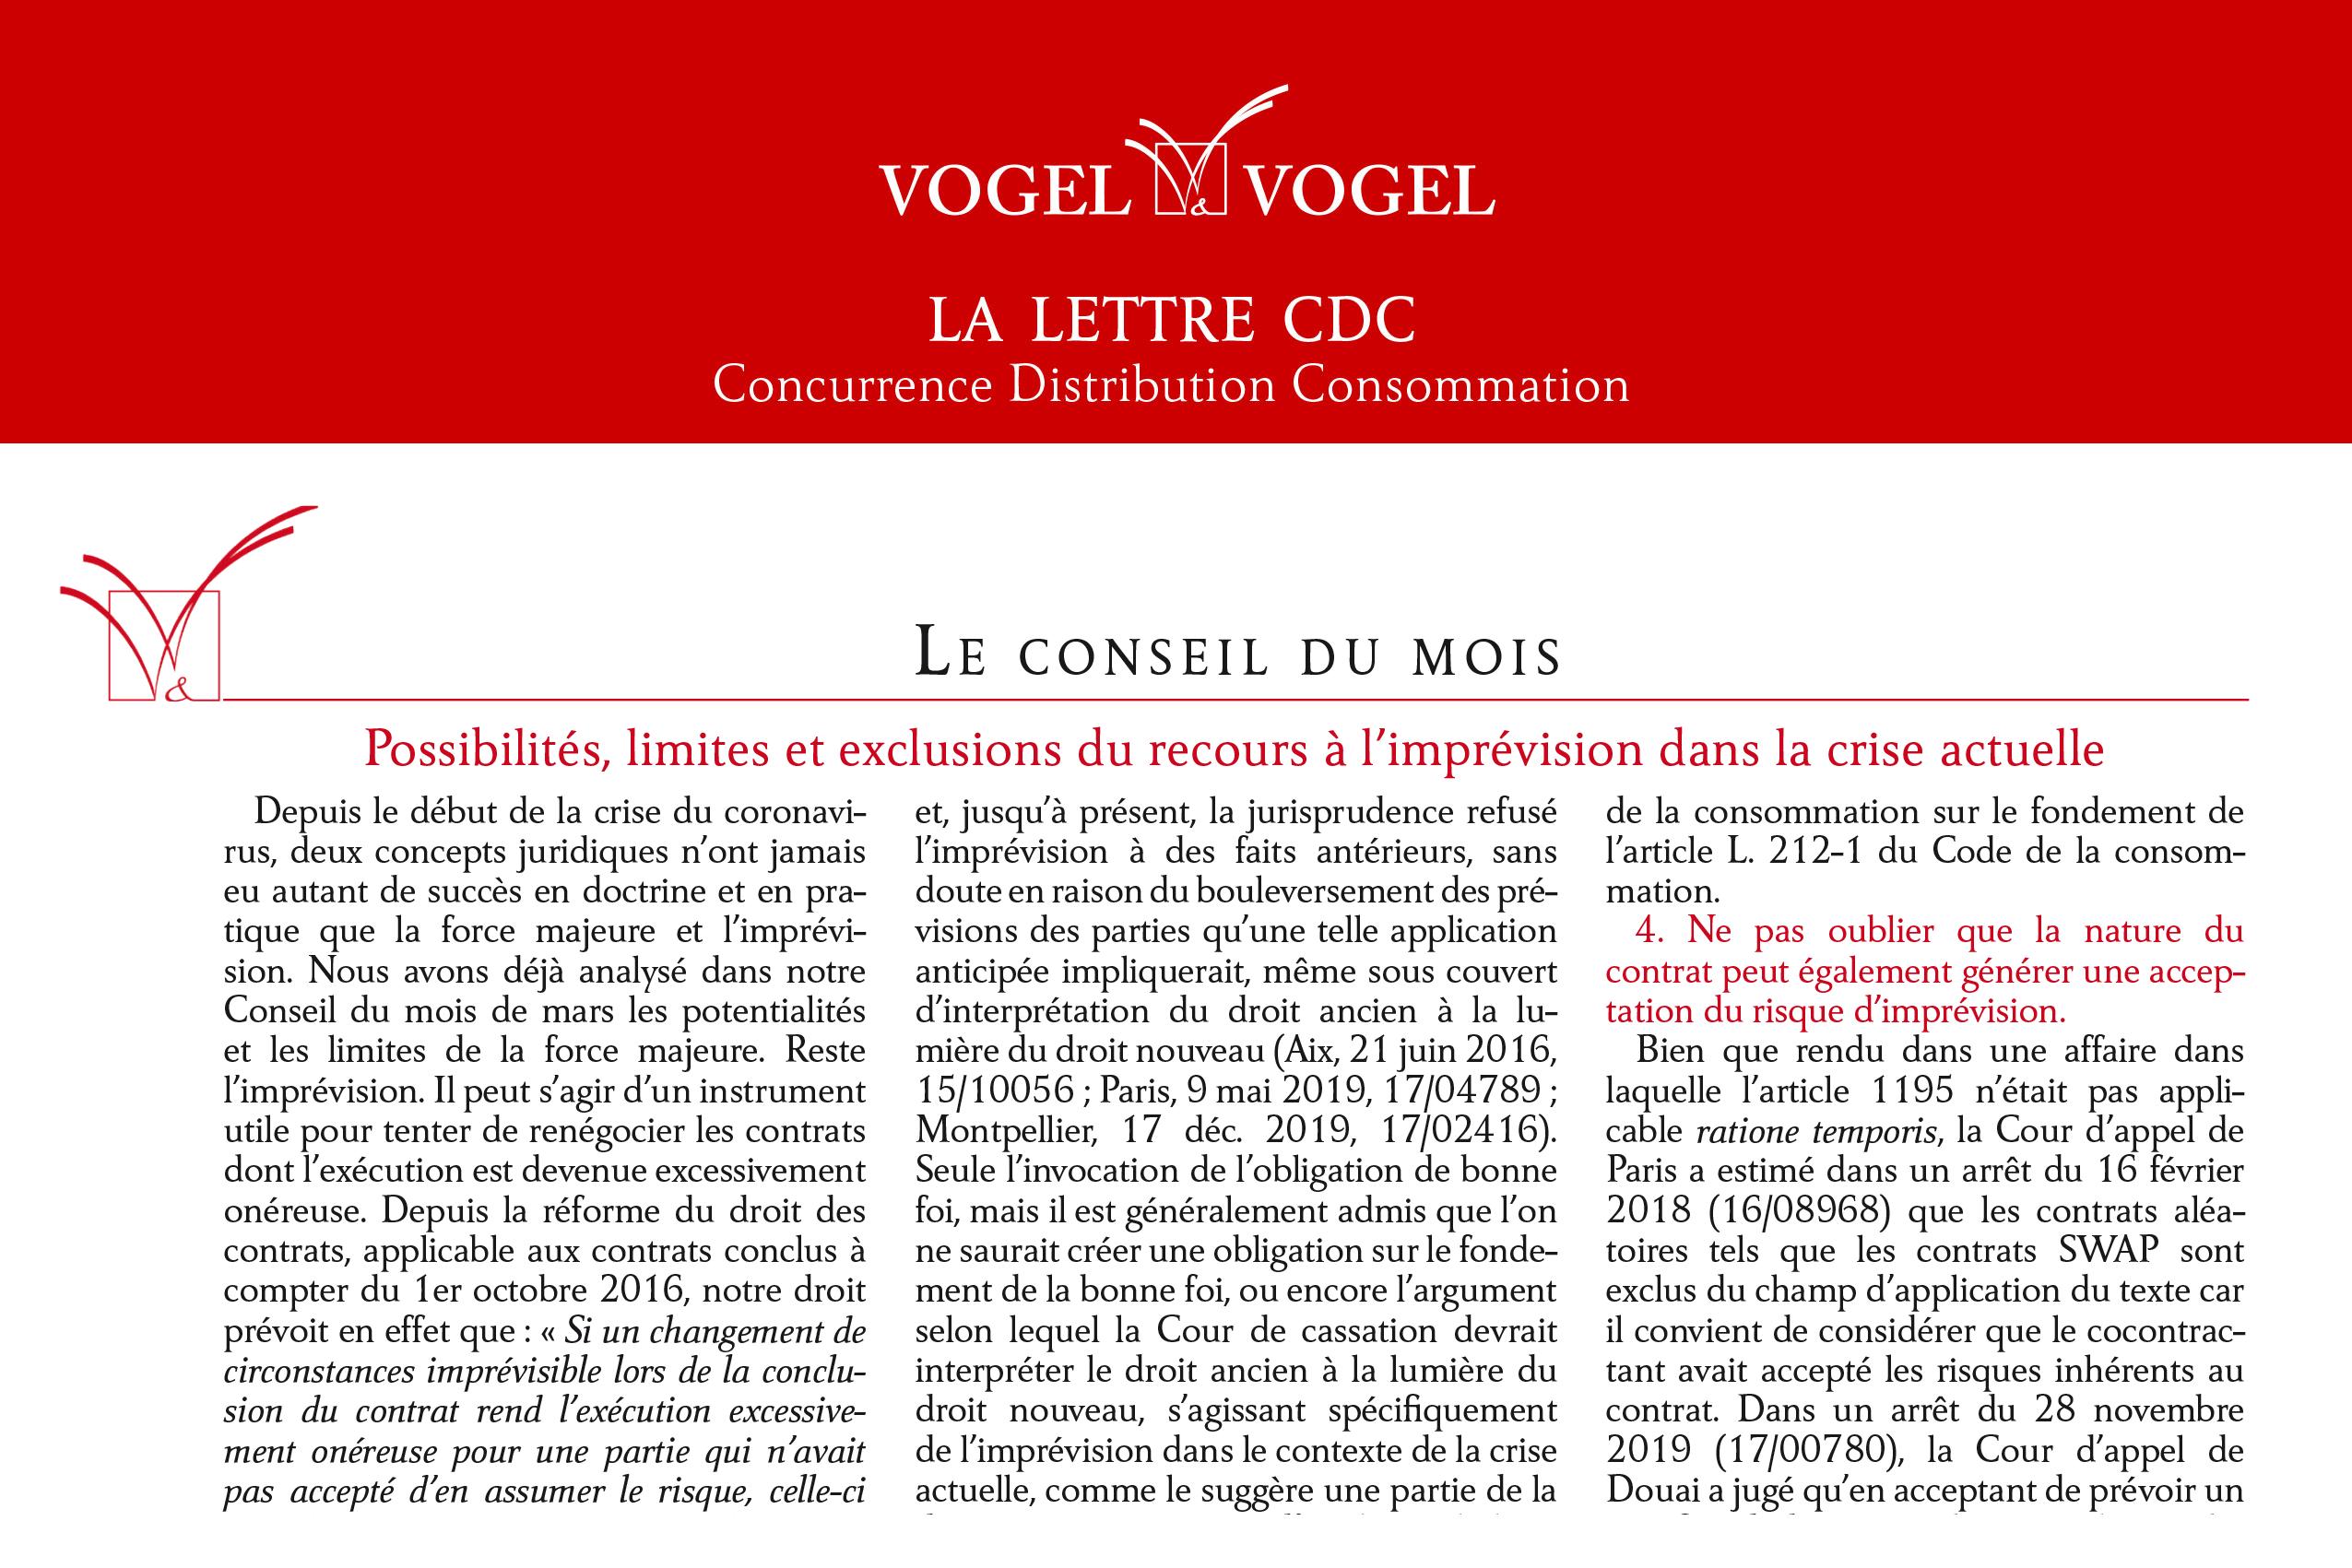 Vogel&Vogel - Lettre CDC - Conseildu mois avril 2020